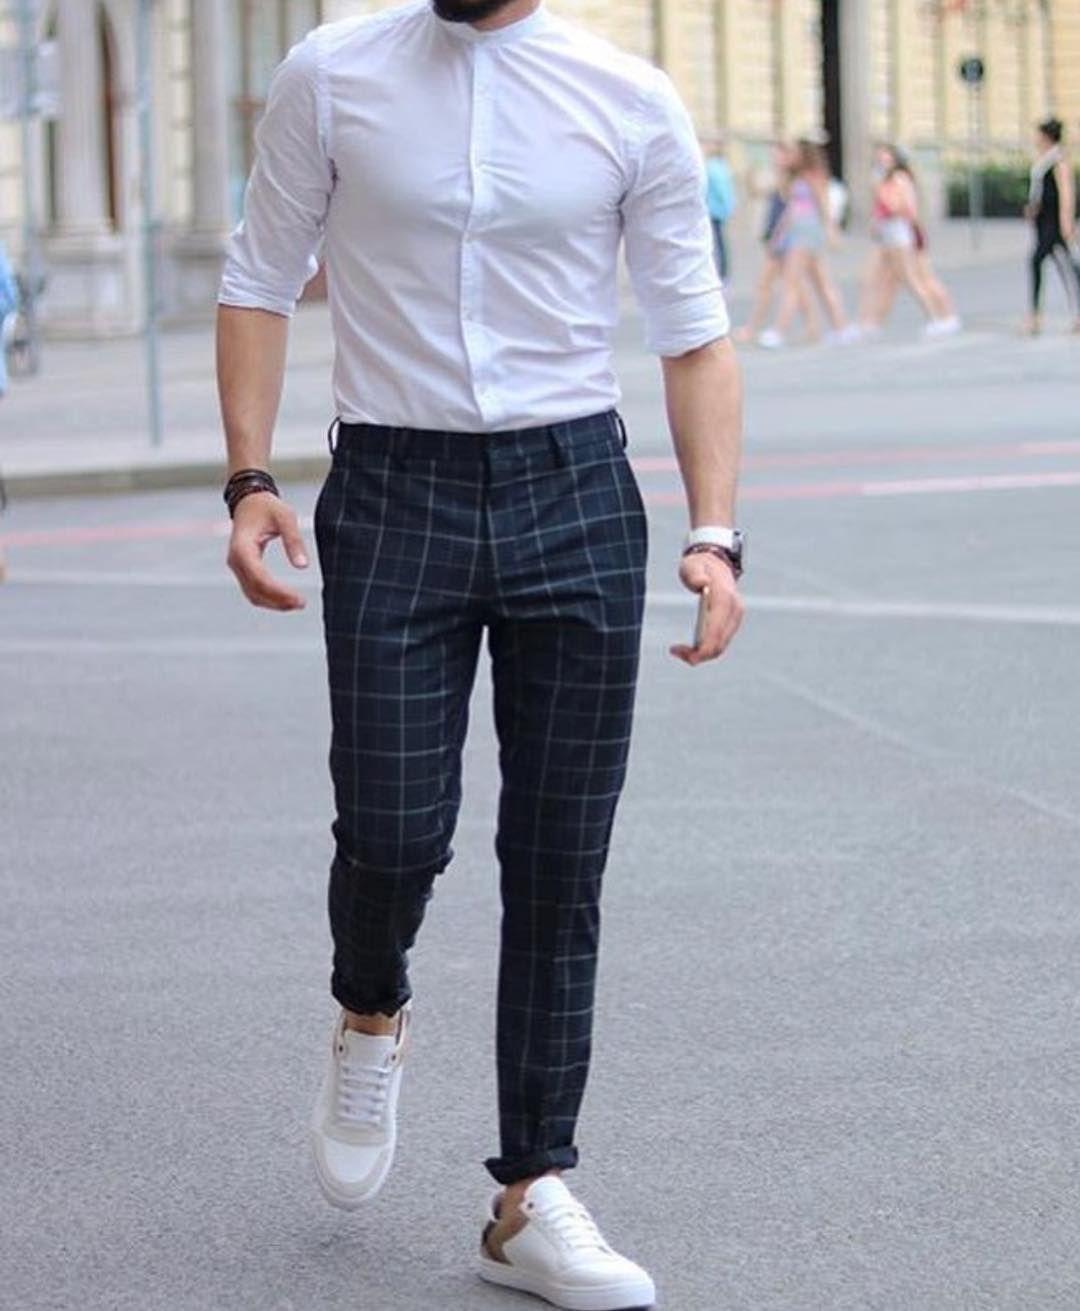 Мужская одежда для клубов фото работа официантки в ночном клубе в москве